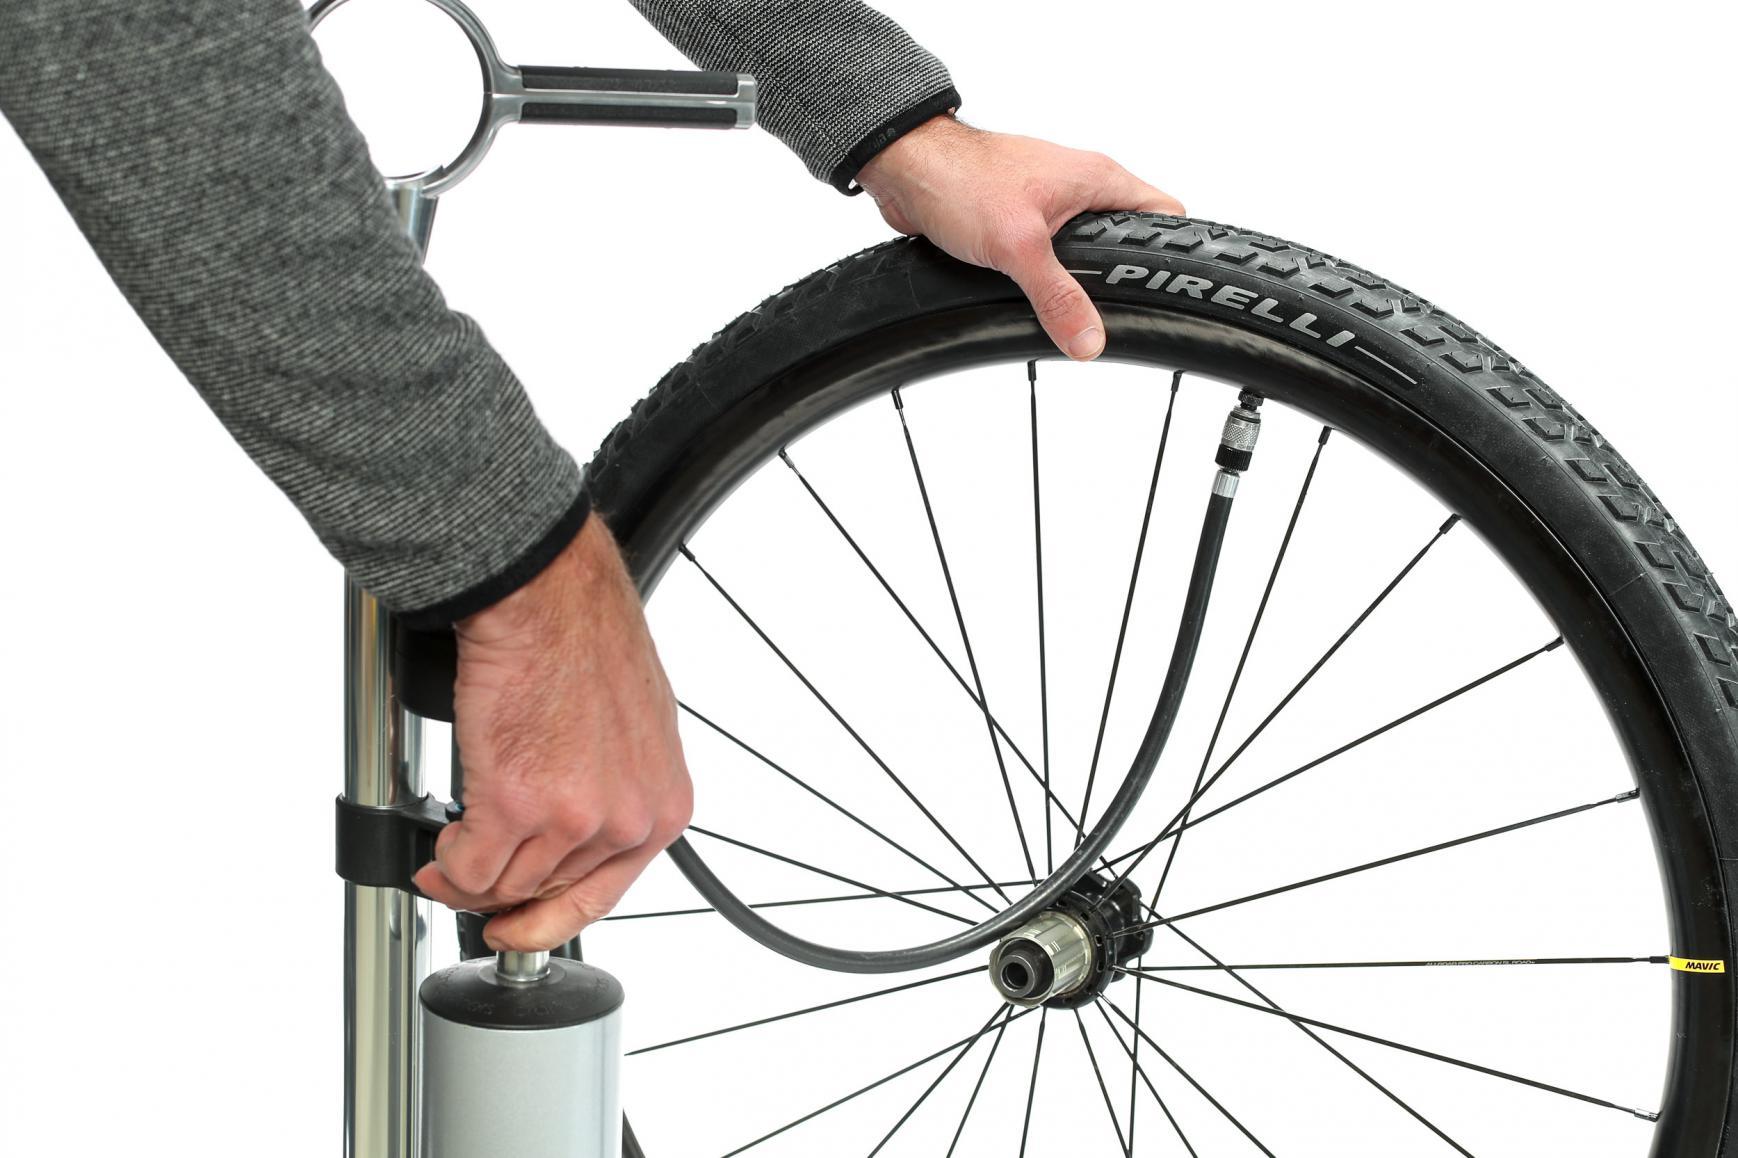 Mit einer kräftigen Pumpe oder einem Kompressor pumpen wir so viel Luftdruck in das Laufrad, dass der Reifen hörbar in den Felgenflanken einrastet.